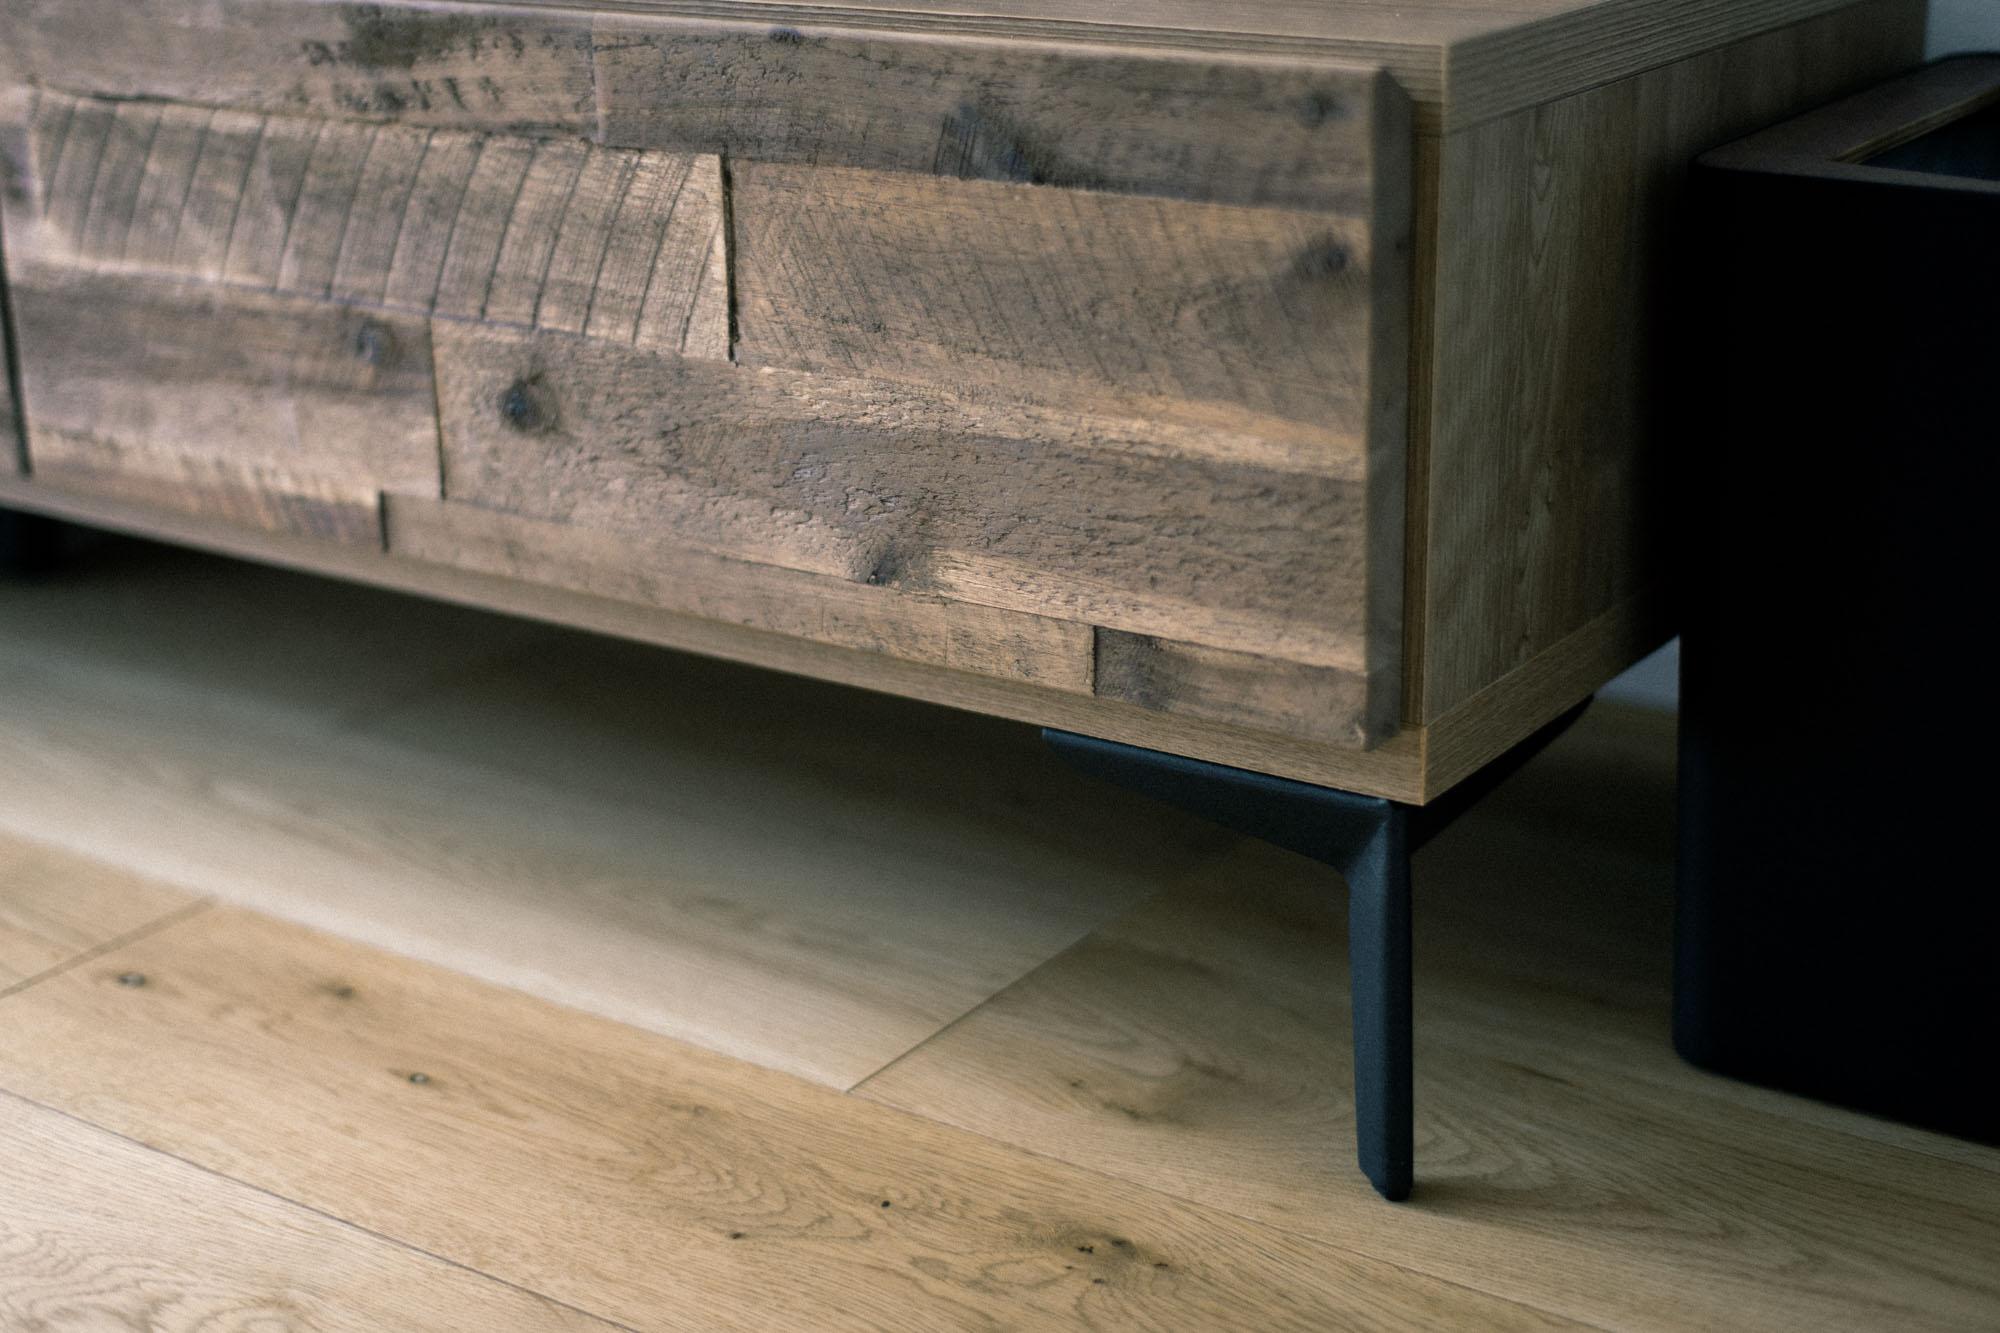 色だけじゃなく素材感を変えることも可能。こちらのお部屋では、もともとスチールだった家具の脚にアイアンペイントを塗って一工夫。(このお部屋はこちら)